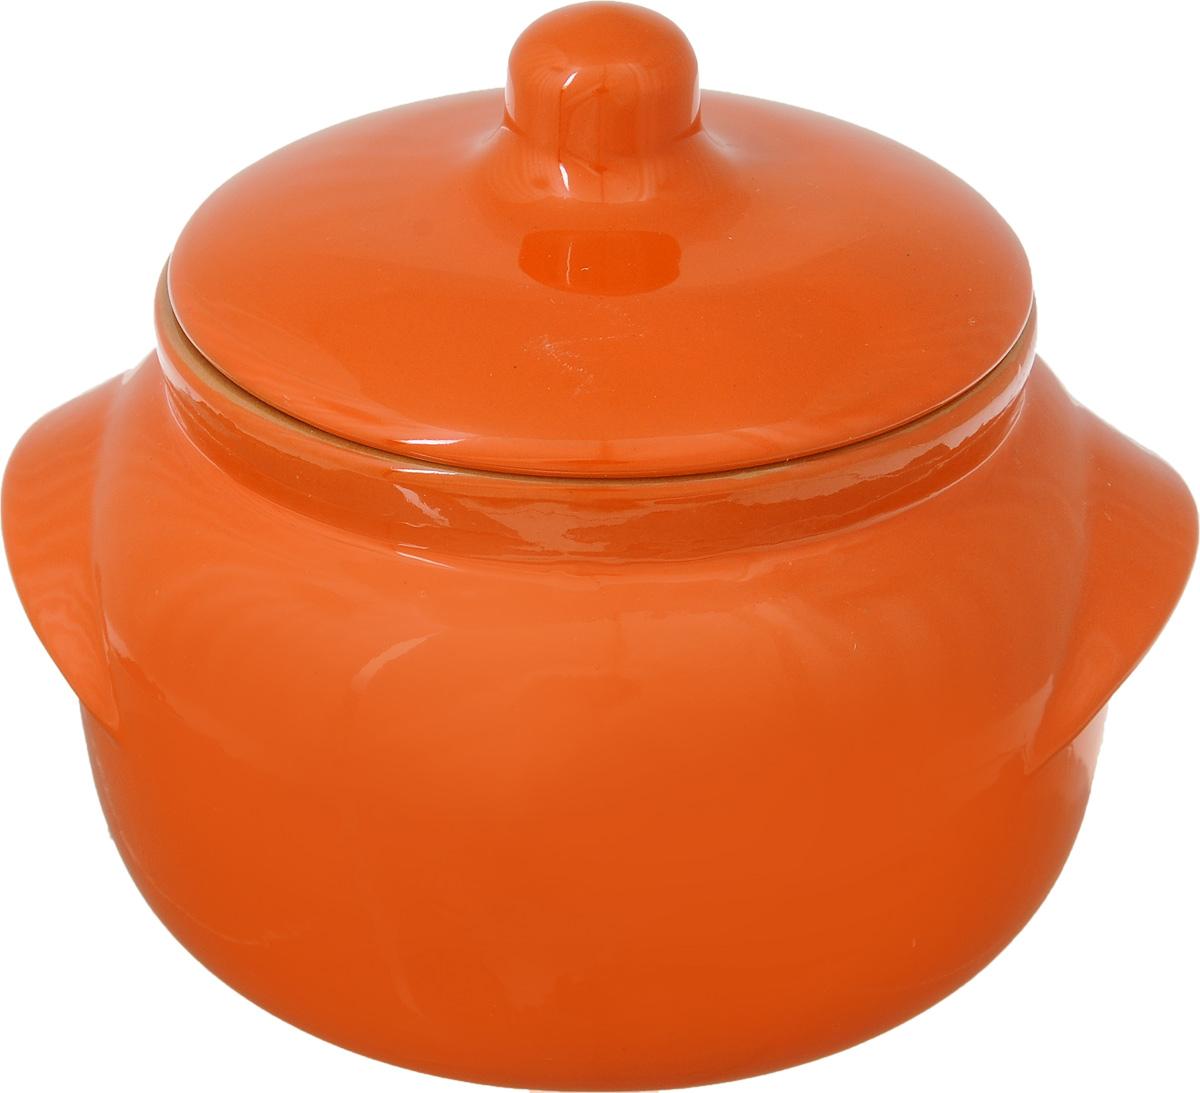 Горшочек для запекания Борисовская керамика Новарусса, цвет: оранжевый, 500 млFS-91909Горшочек для запекания Борисовская керамика Новарусса выполнен из высококачественной керамики. Внутренняя и внешняя поверхность покрыты глазурью. Керамика абсолютно безопасна, поэтому изделие придется по вкусу любителям здоровой и полезной пищи. Горшок для запекания с крышкой очень вместителен и имеет удобную форму. .Посуда жаропрочная. Можно использовать в духовке и микроволновой печи.Диаметр горшочка (по верхнему краю): 10 см. Высота (без учета крышки): 19 см.